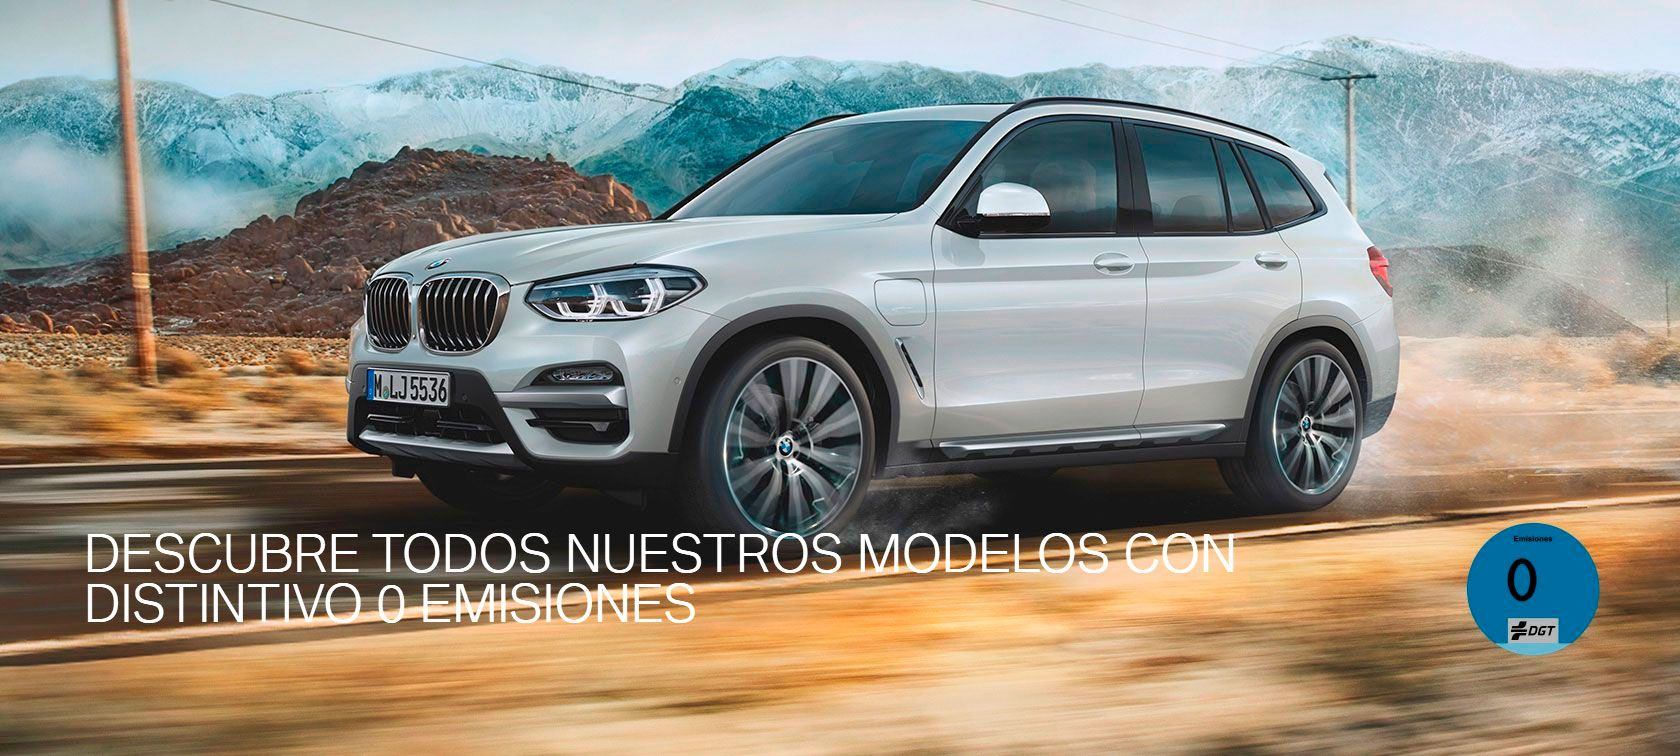 BMW CERO EMISIONES